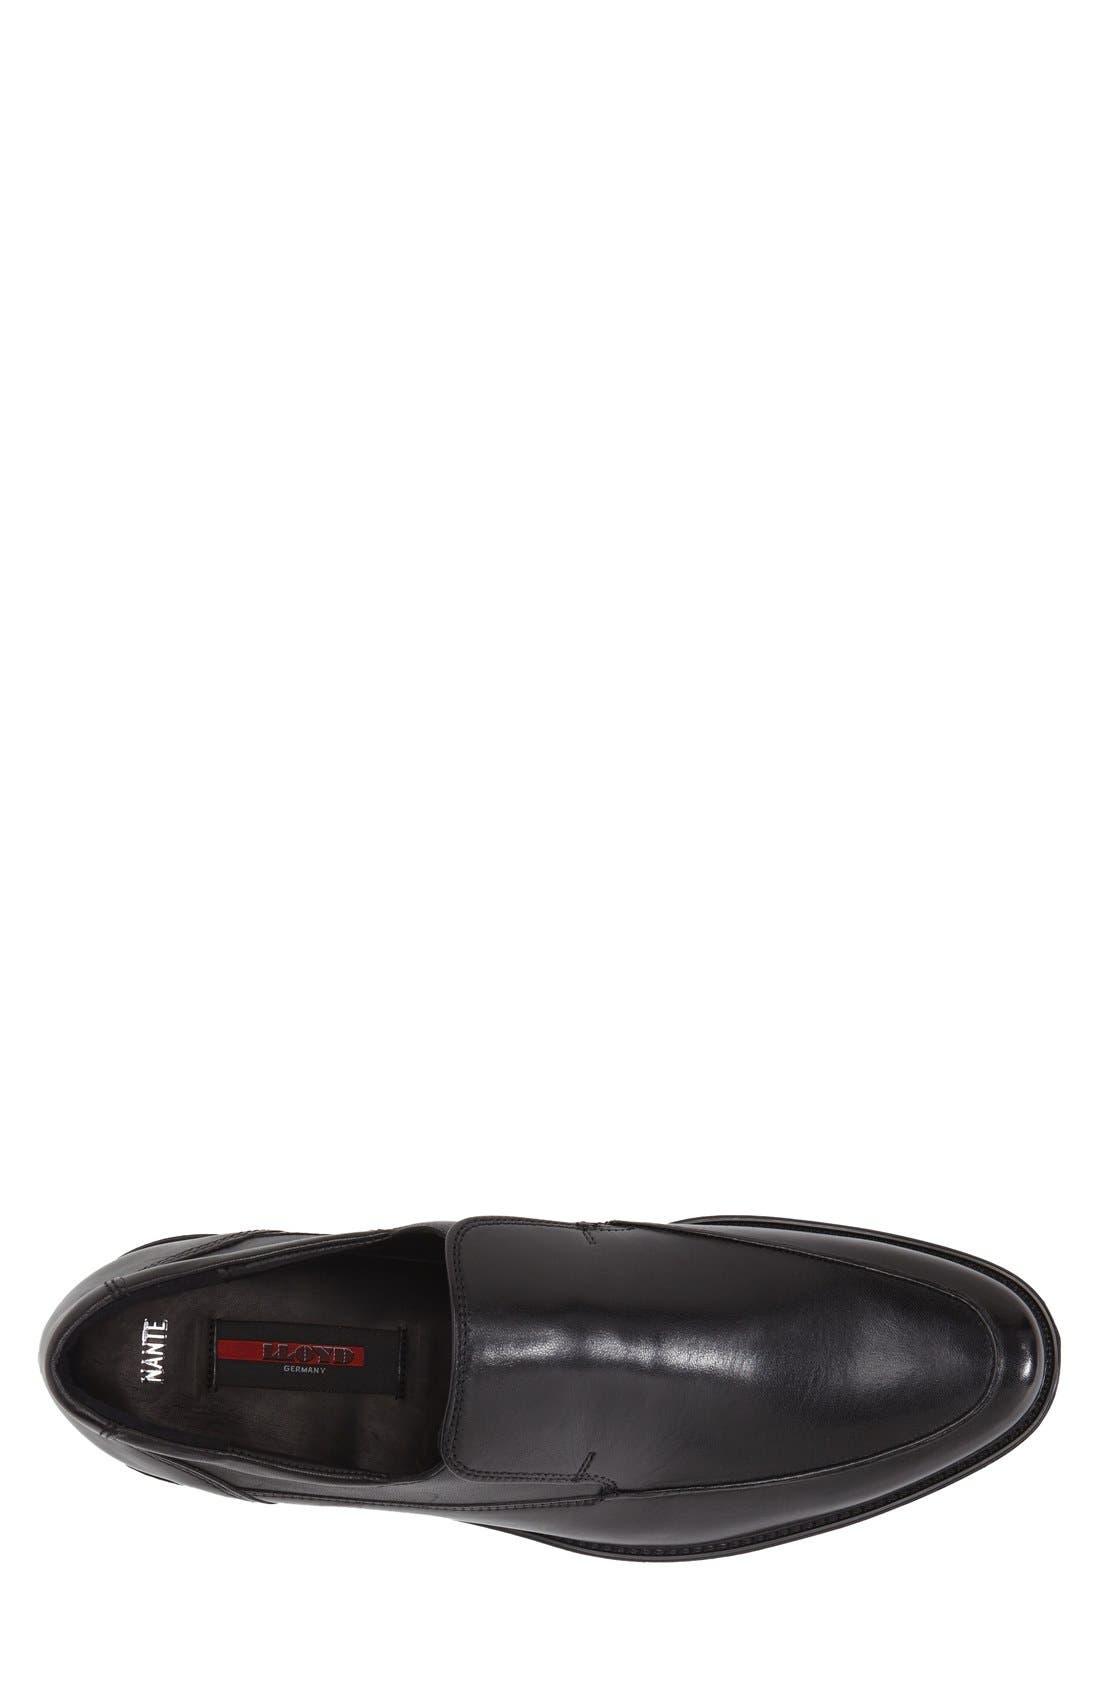 'Nante' Venetian Loafer,                             Alternate thumbnail 3, color,                             Black